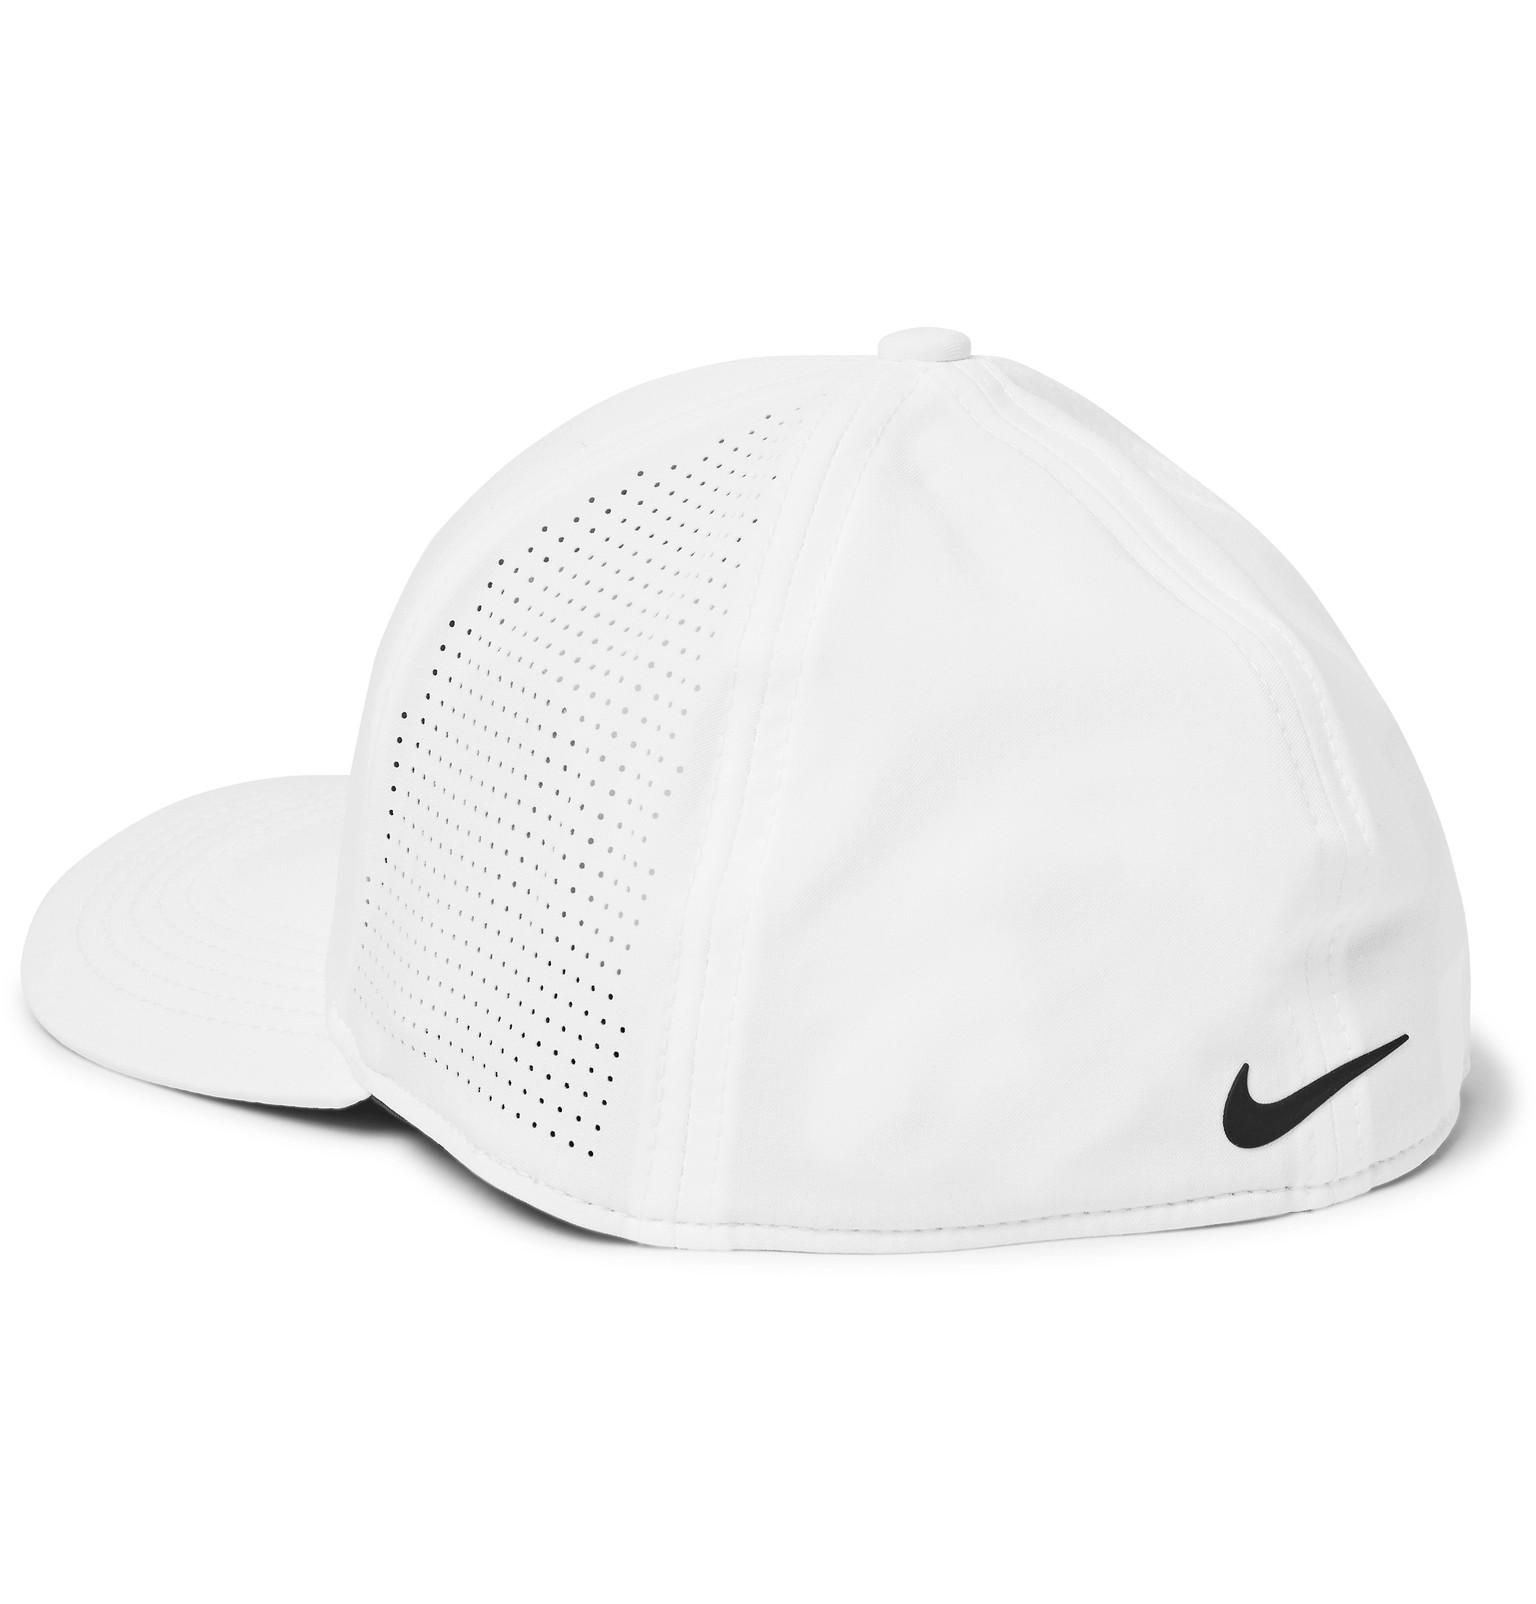 Nike Golf - Aerobill Classic 99 Perforated Dri-FIT Golf Cap ddc19a2b4f97